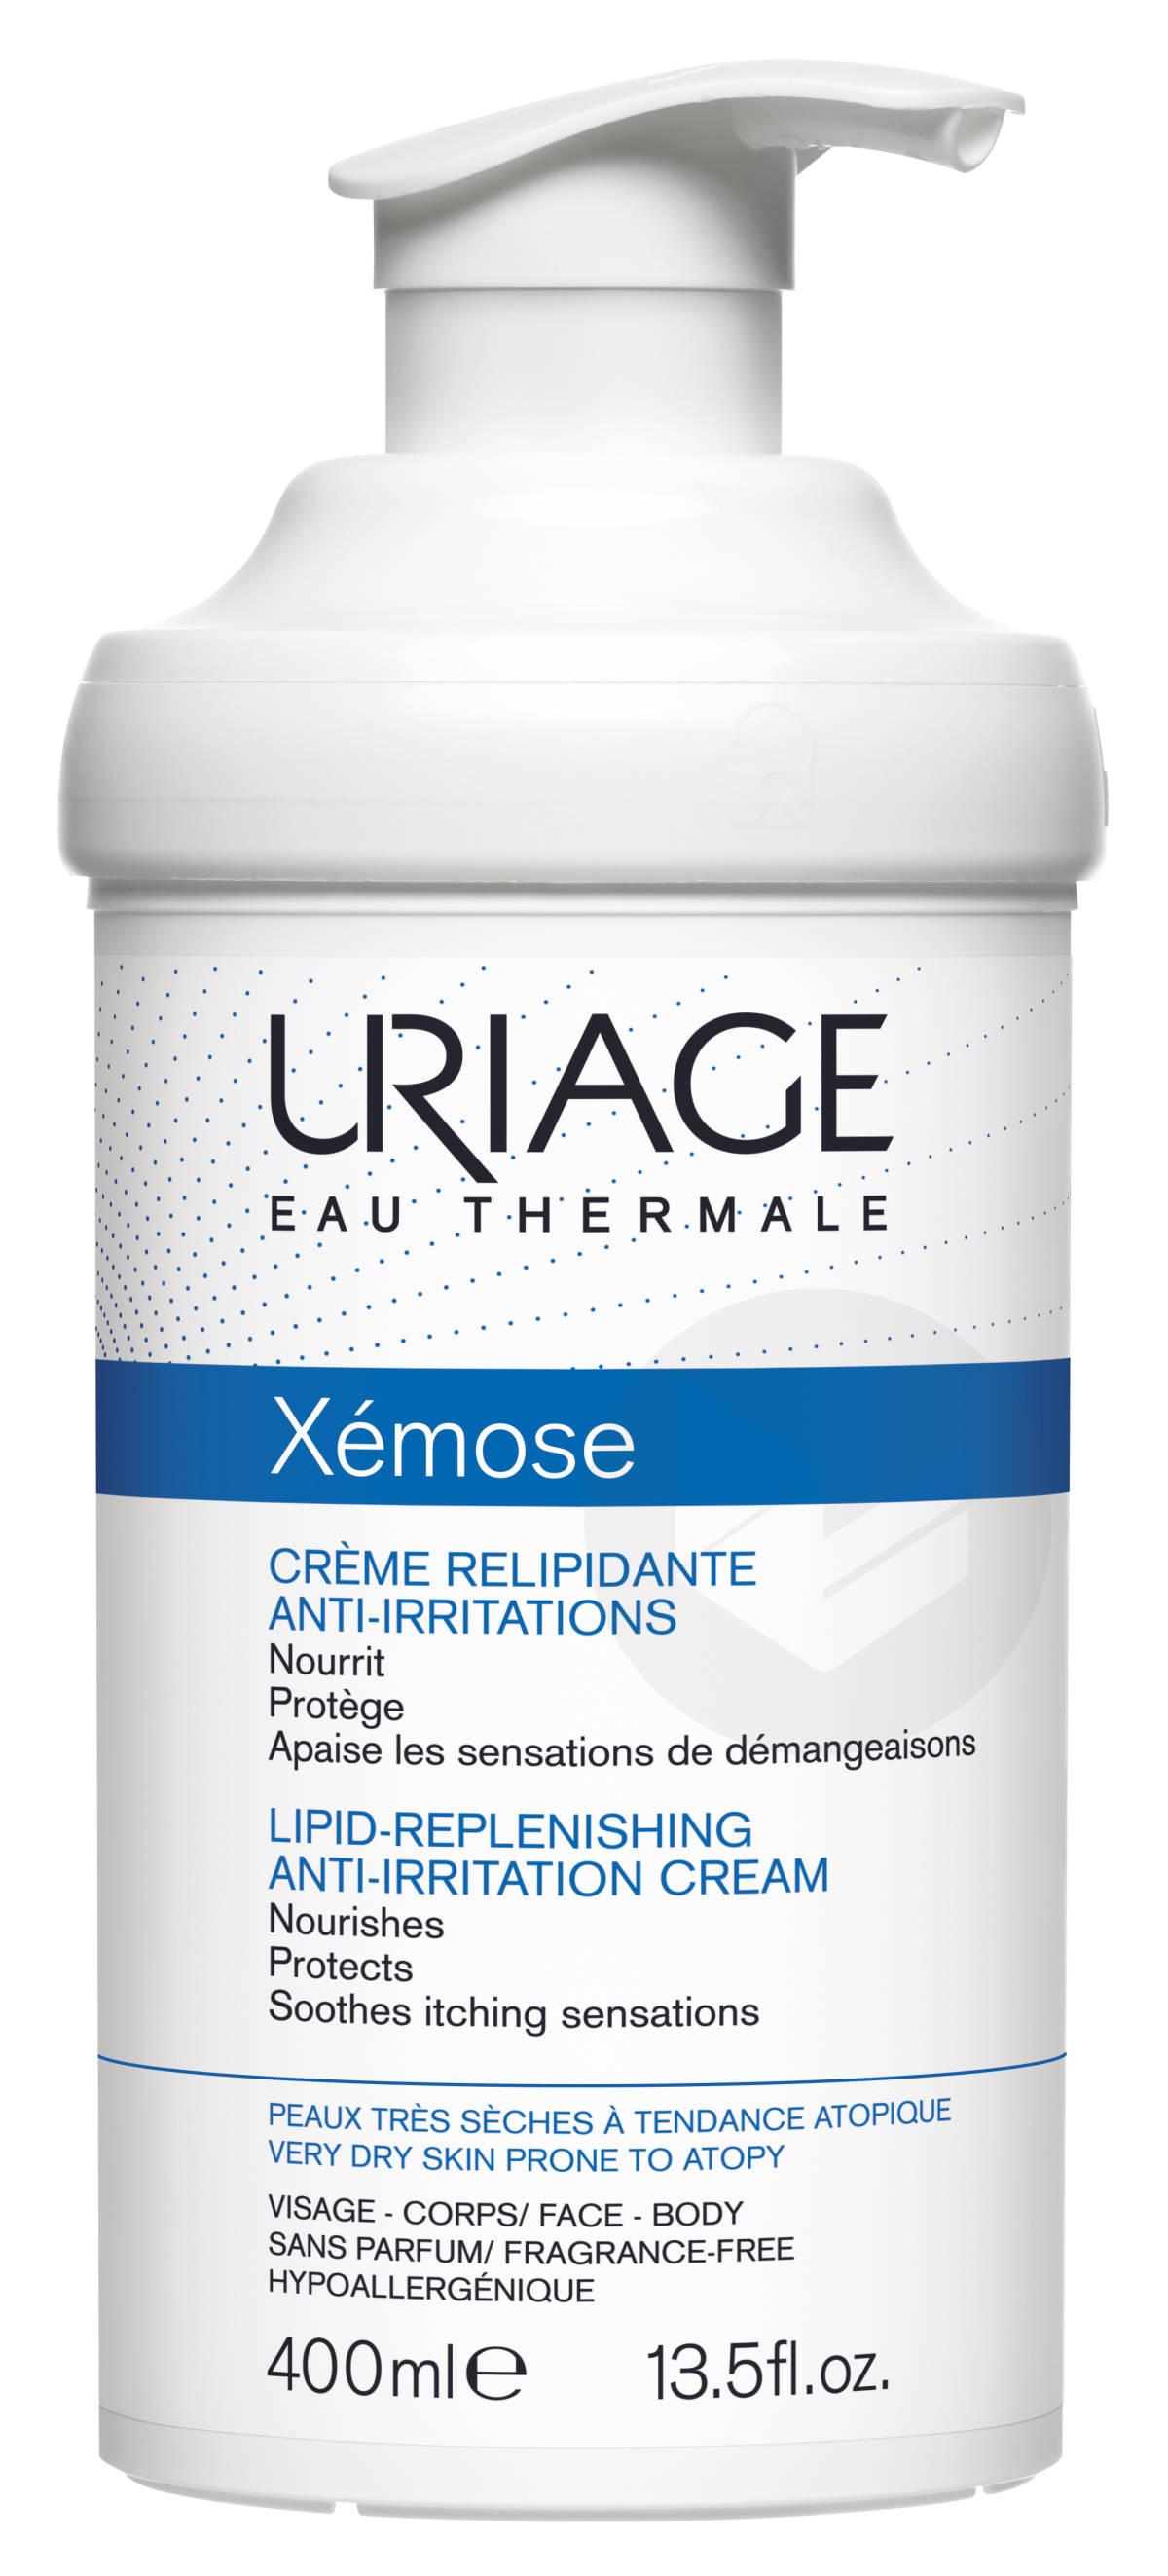 Crème relipidante anti-irritations 400ml